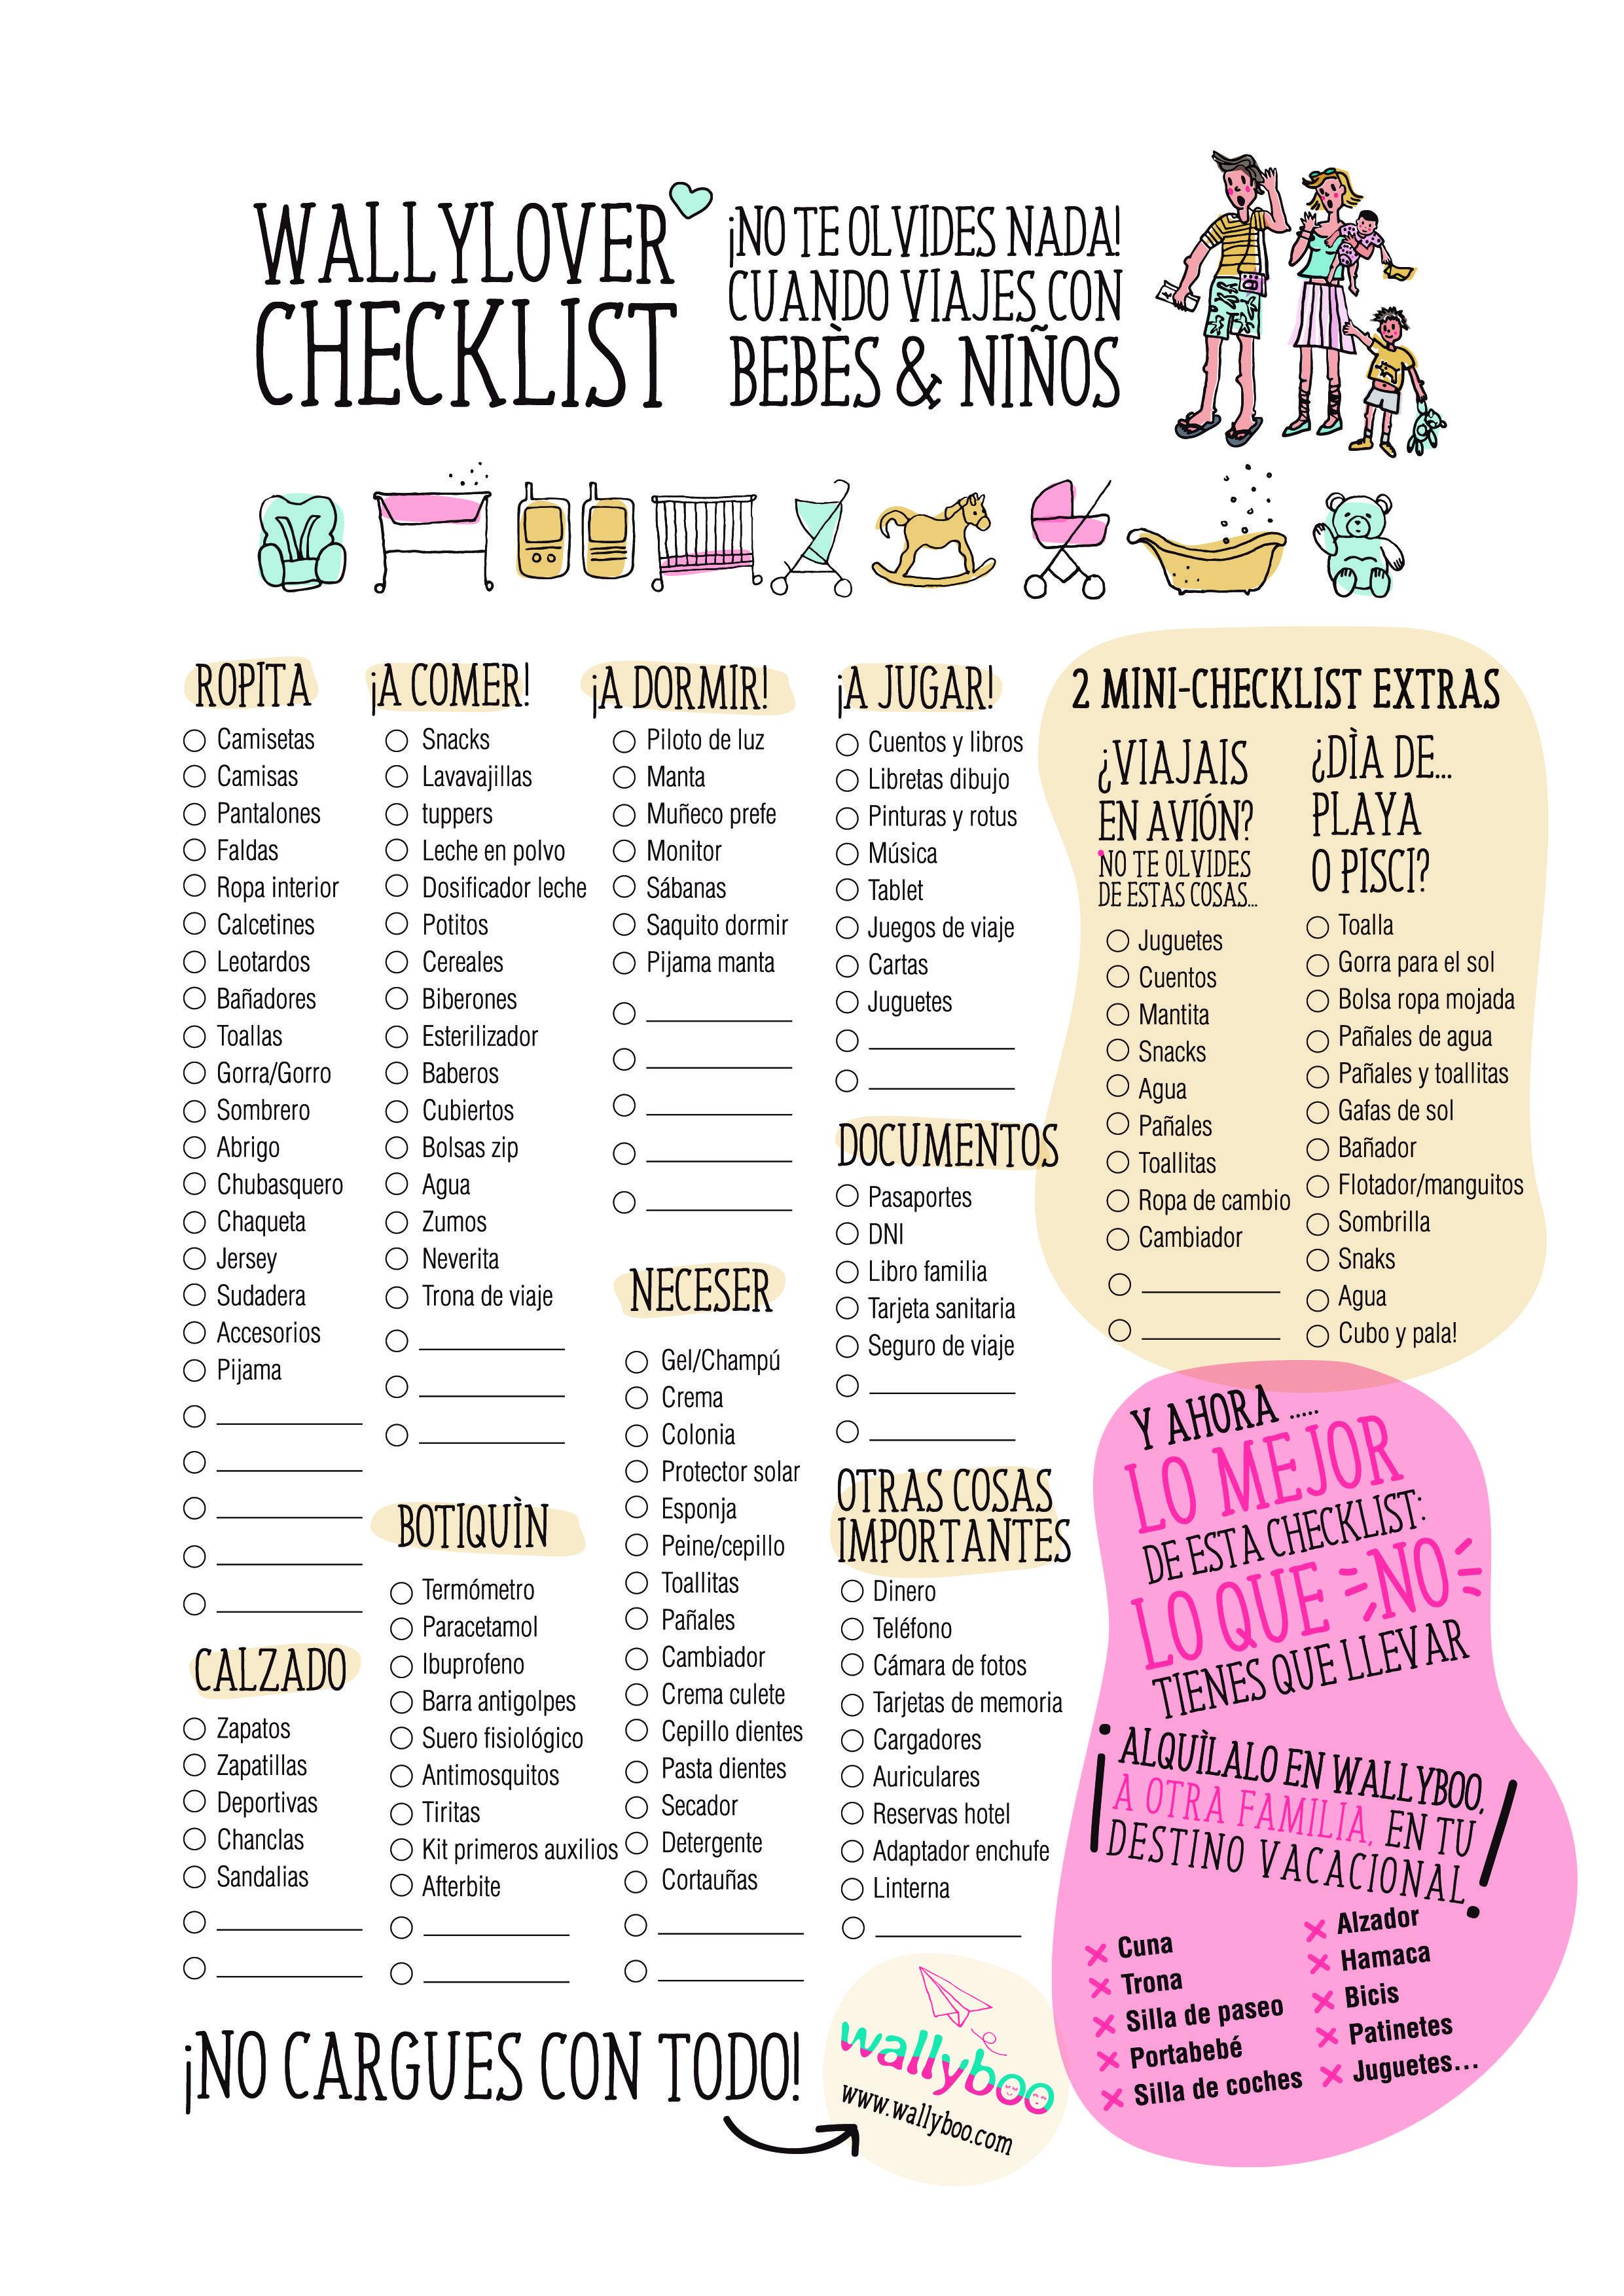 Checklist Para Viajar Con Bebés Y Niños No Te Olvides De Nada Una Lista Completa Con Viajar Con Bebés Listas Para Hacer La Maleta Lista Para Hacer La Maleta